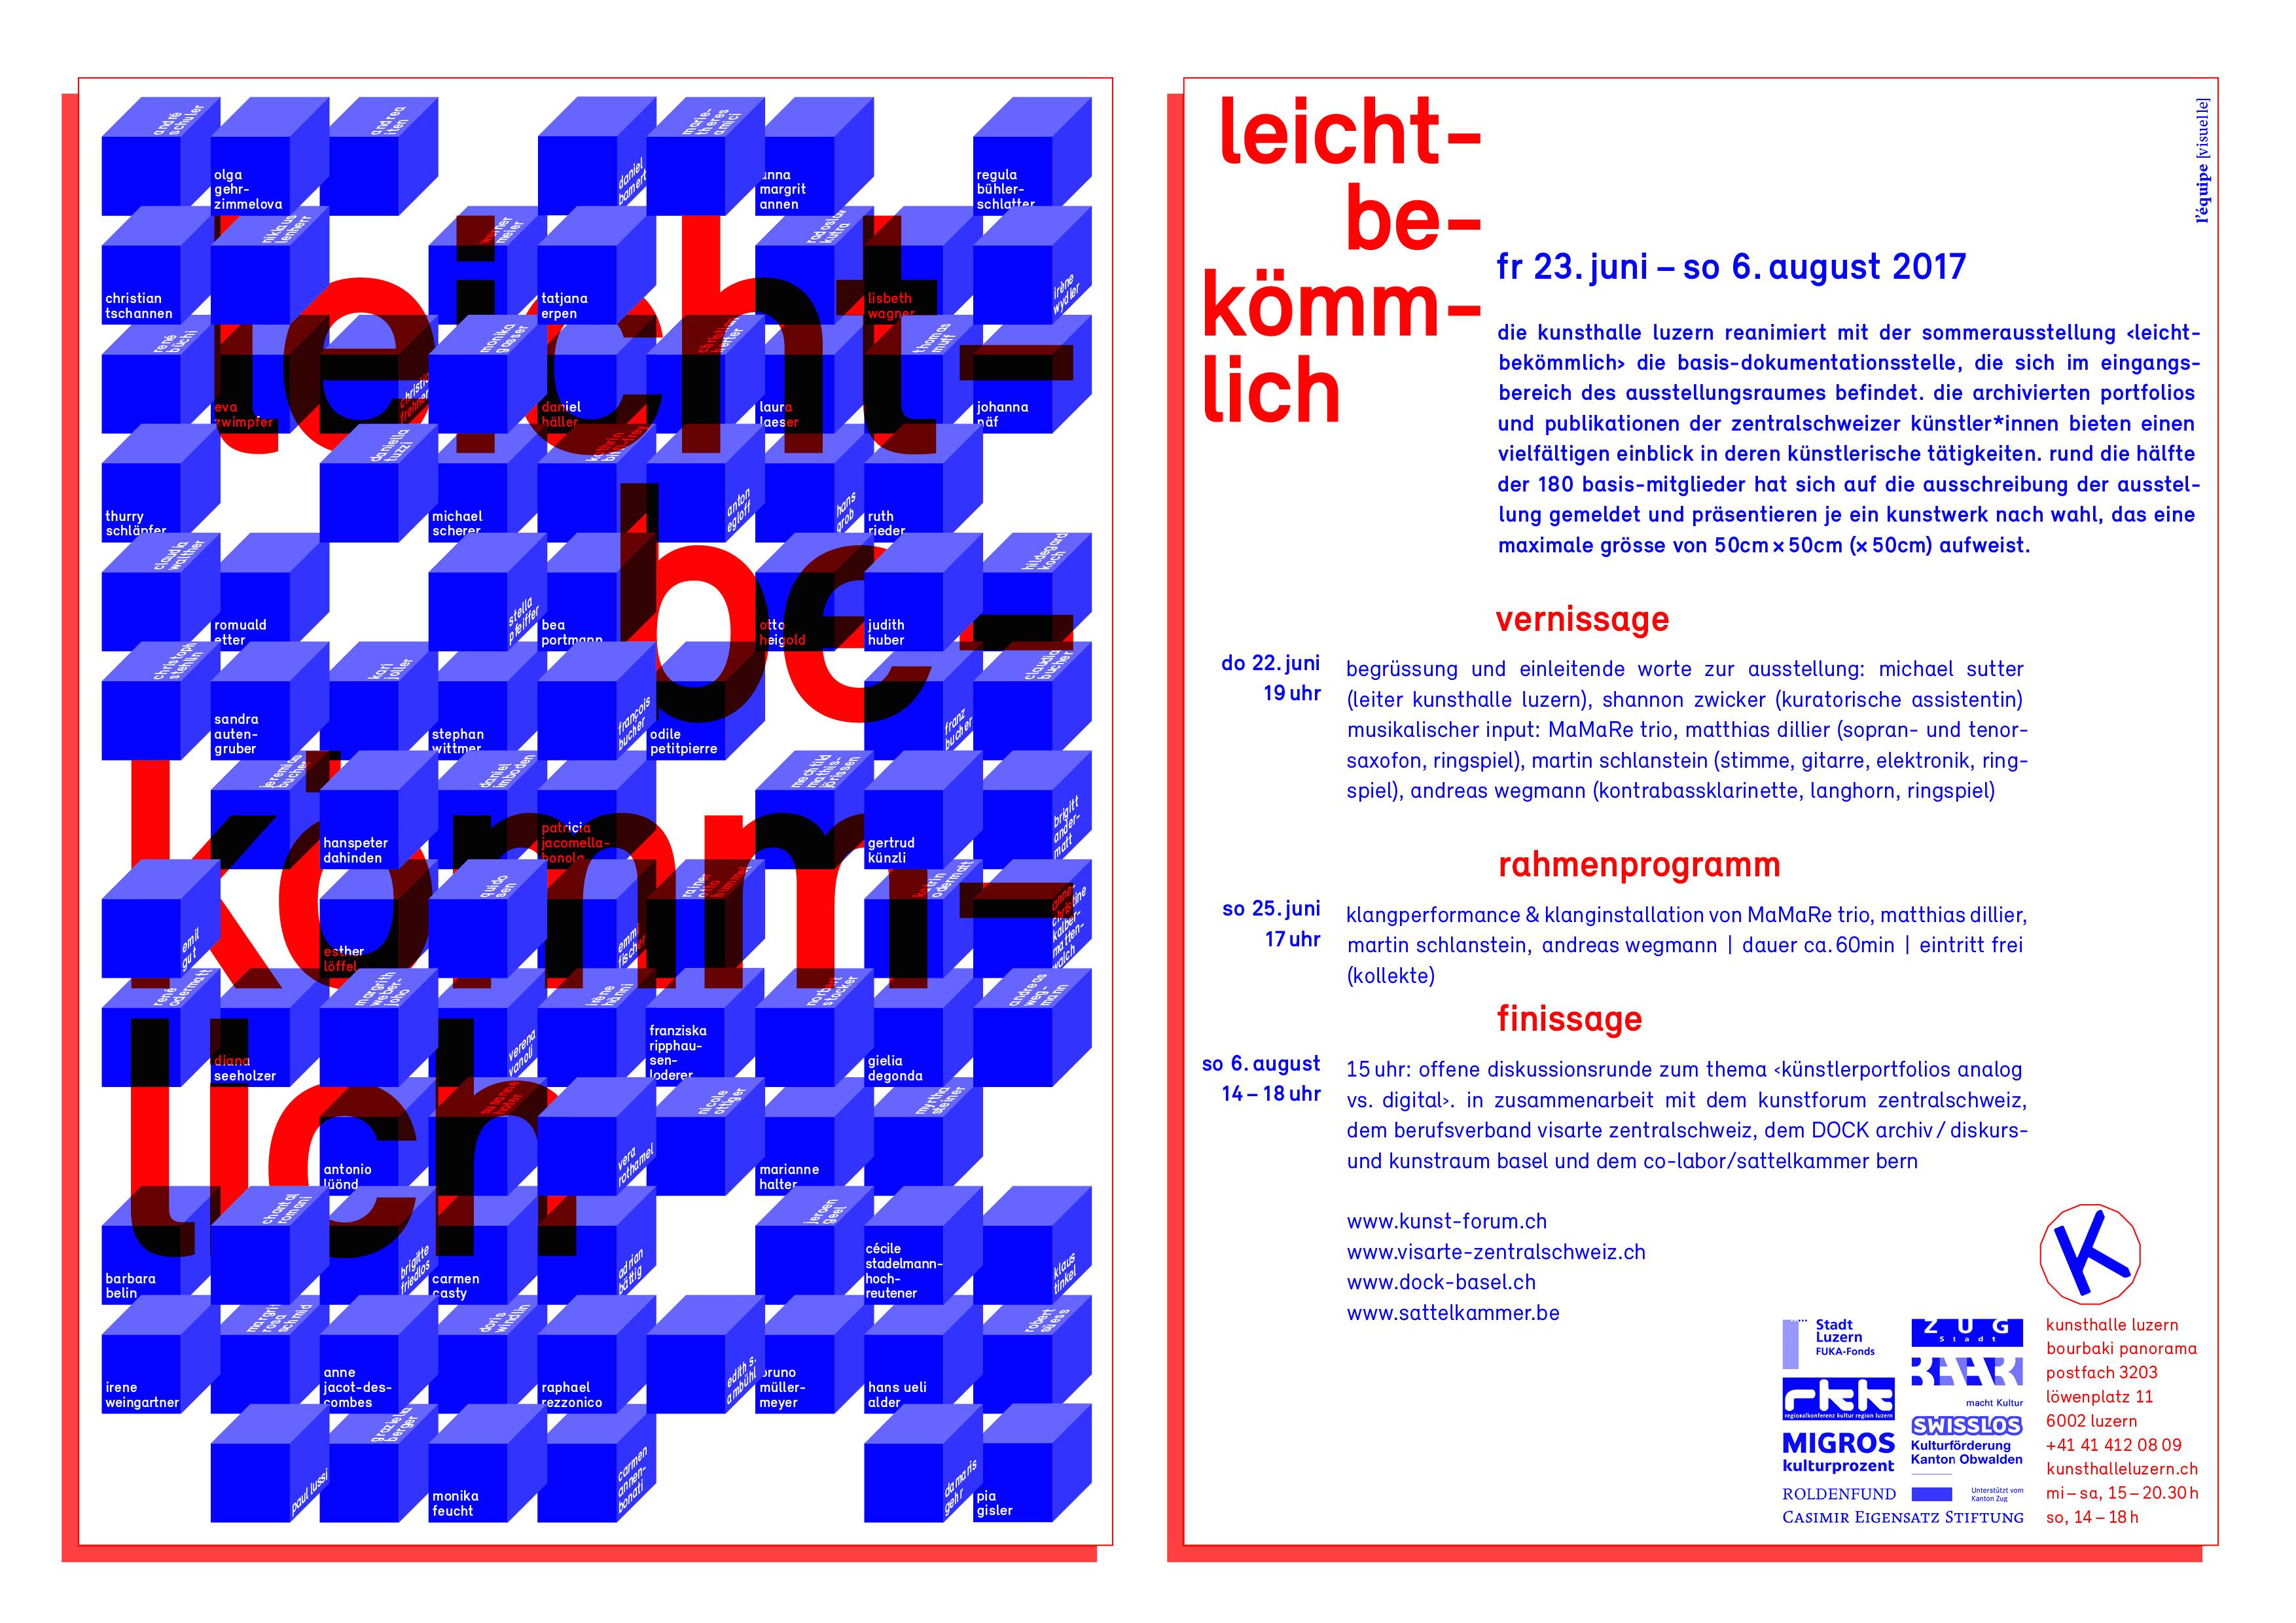 Leichtbekömmlich – Sommerausstellung der BASIS-Dokumentationsstelle